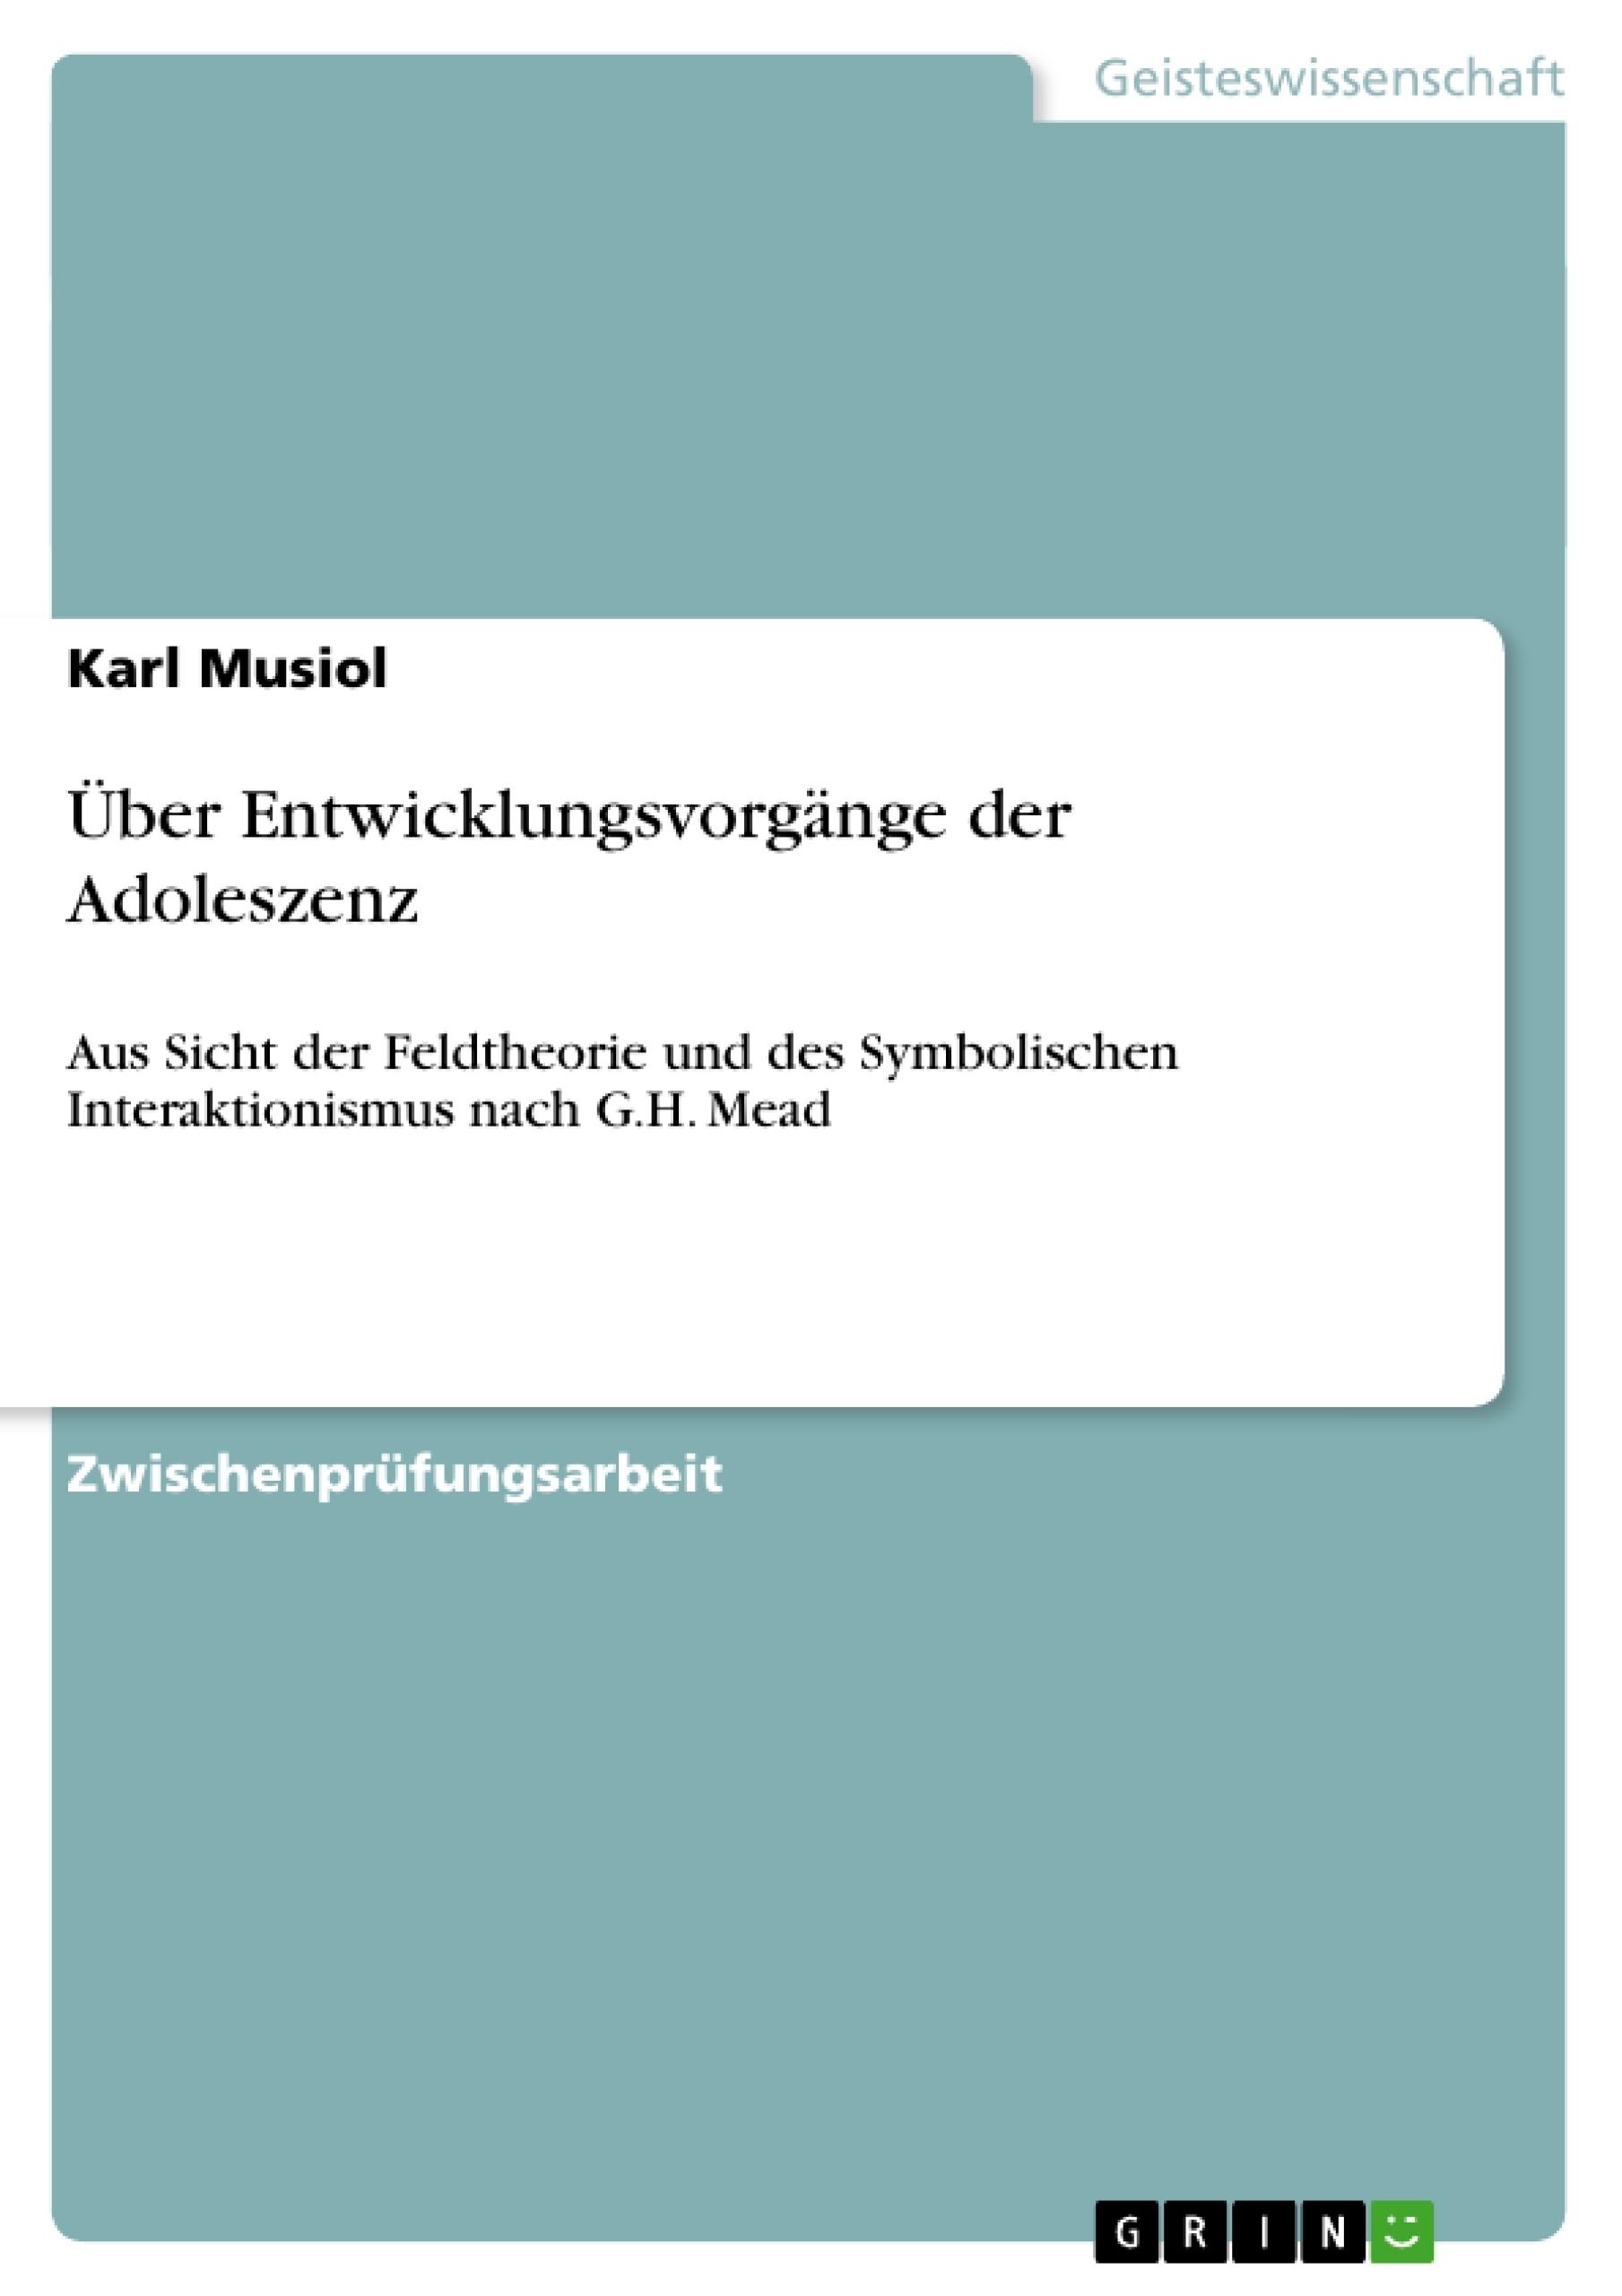 Titel: Über Entwicklungsvorgänge der Adoleszenz